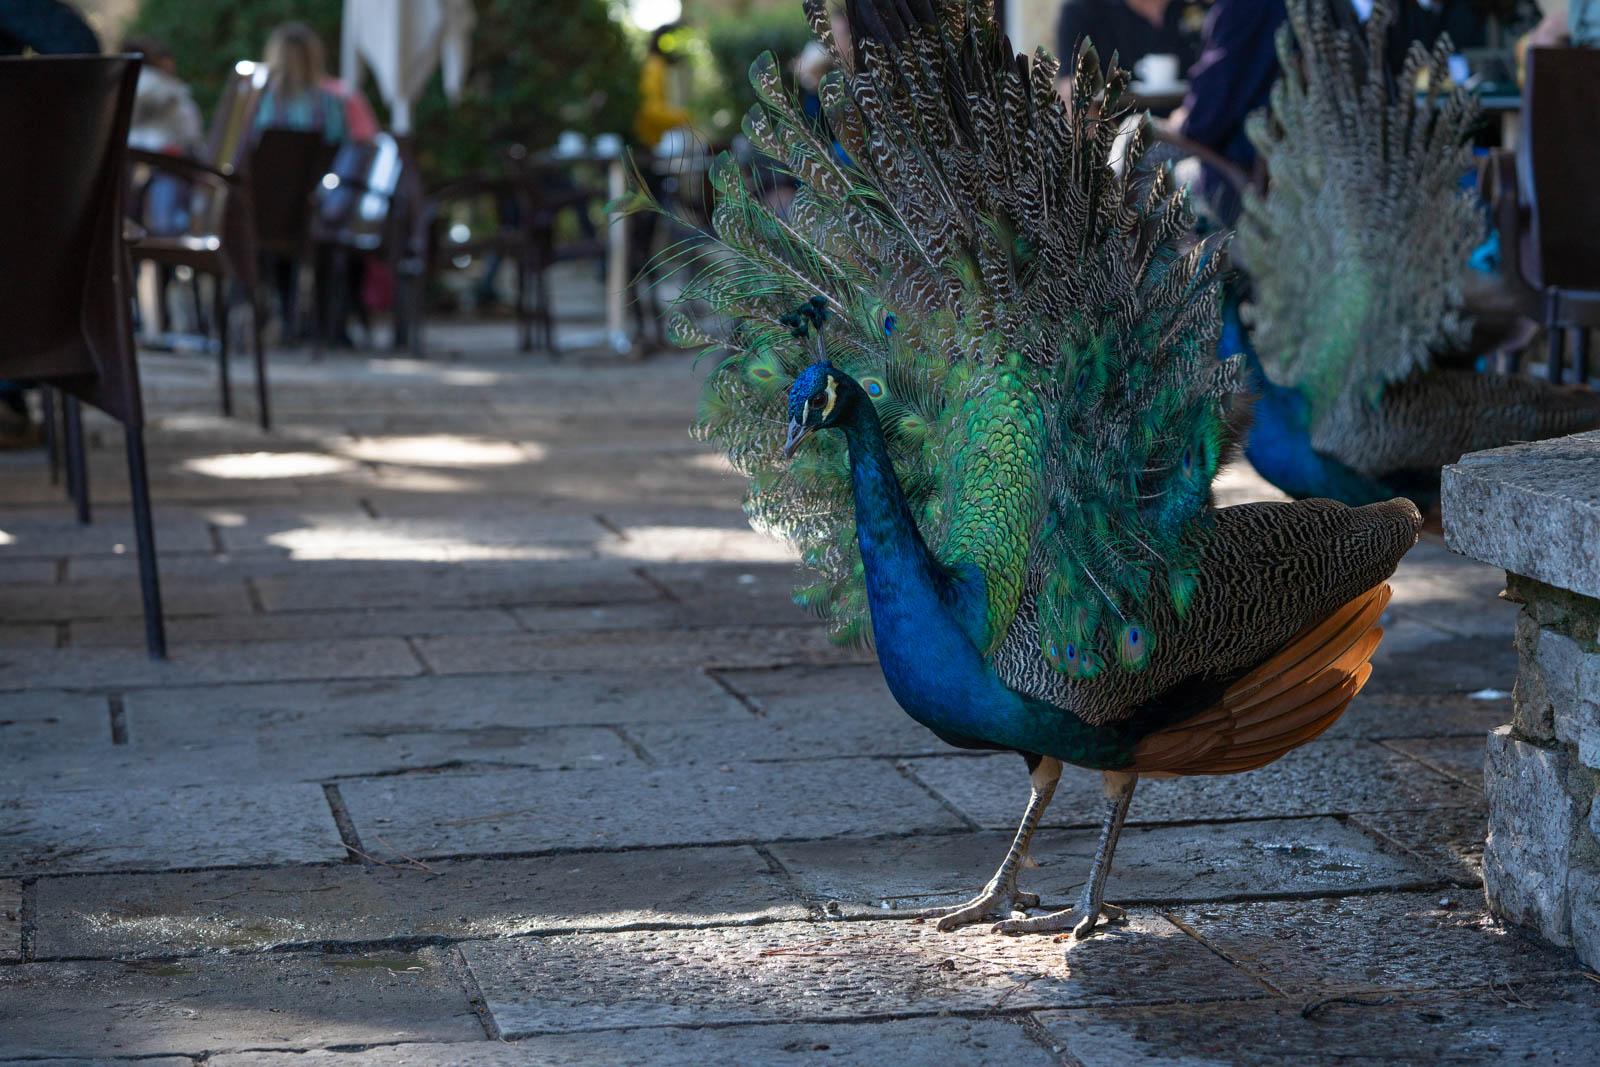 peacocks, Jardim da Praça do Império, Lisbon